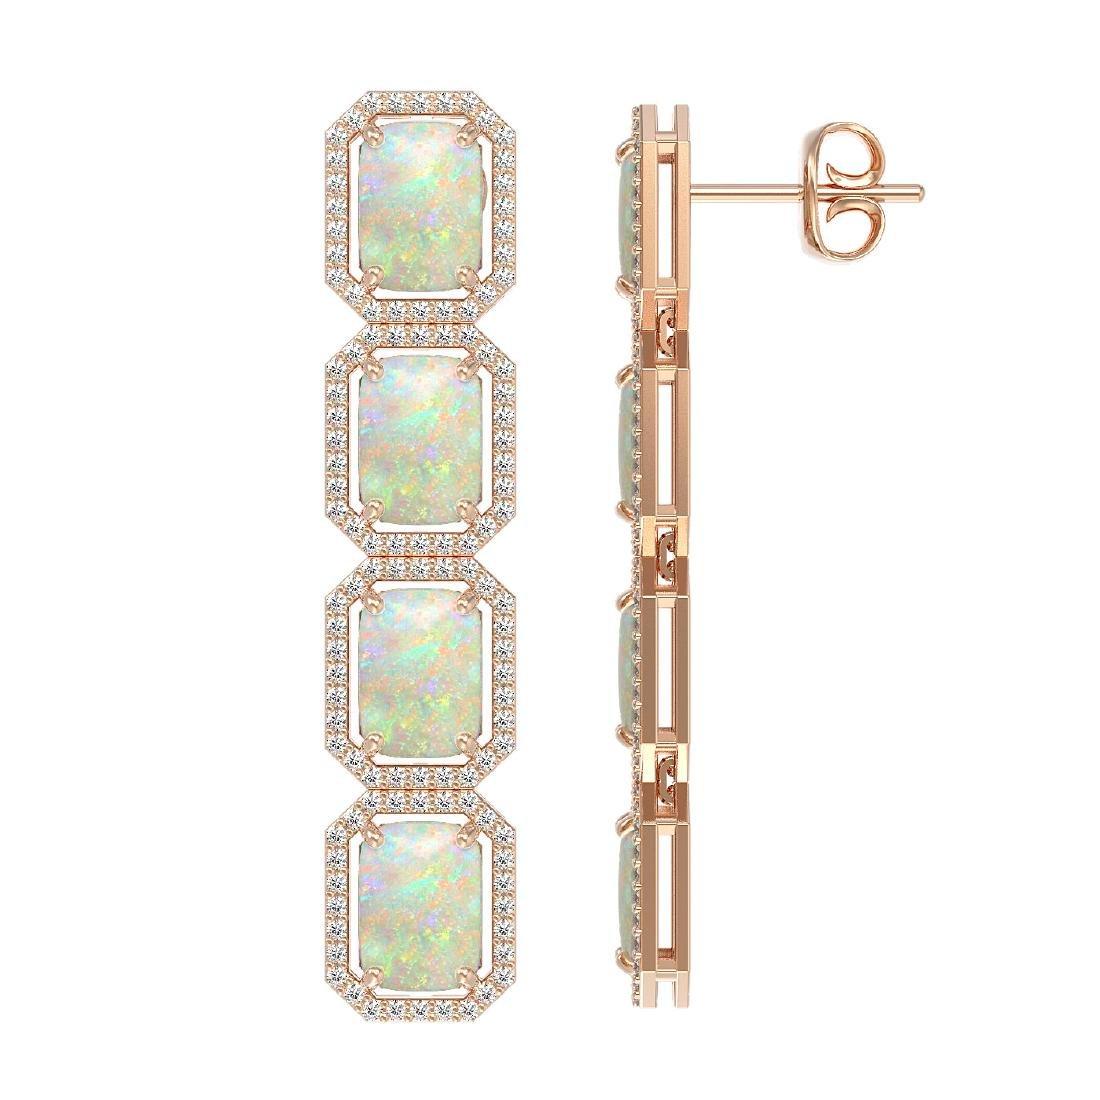 12.99 CTW Opal & Diamond Halo Earrings 10K Rose Gold - 2